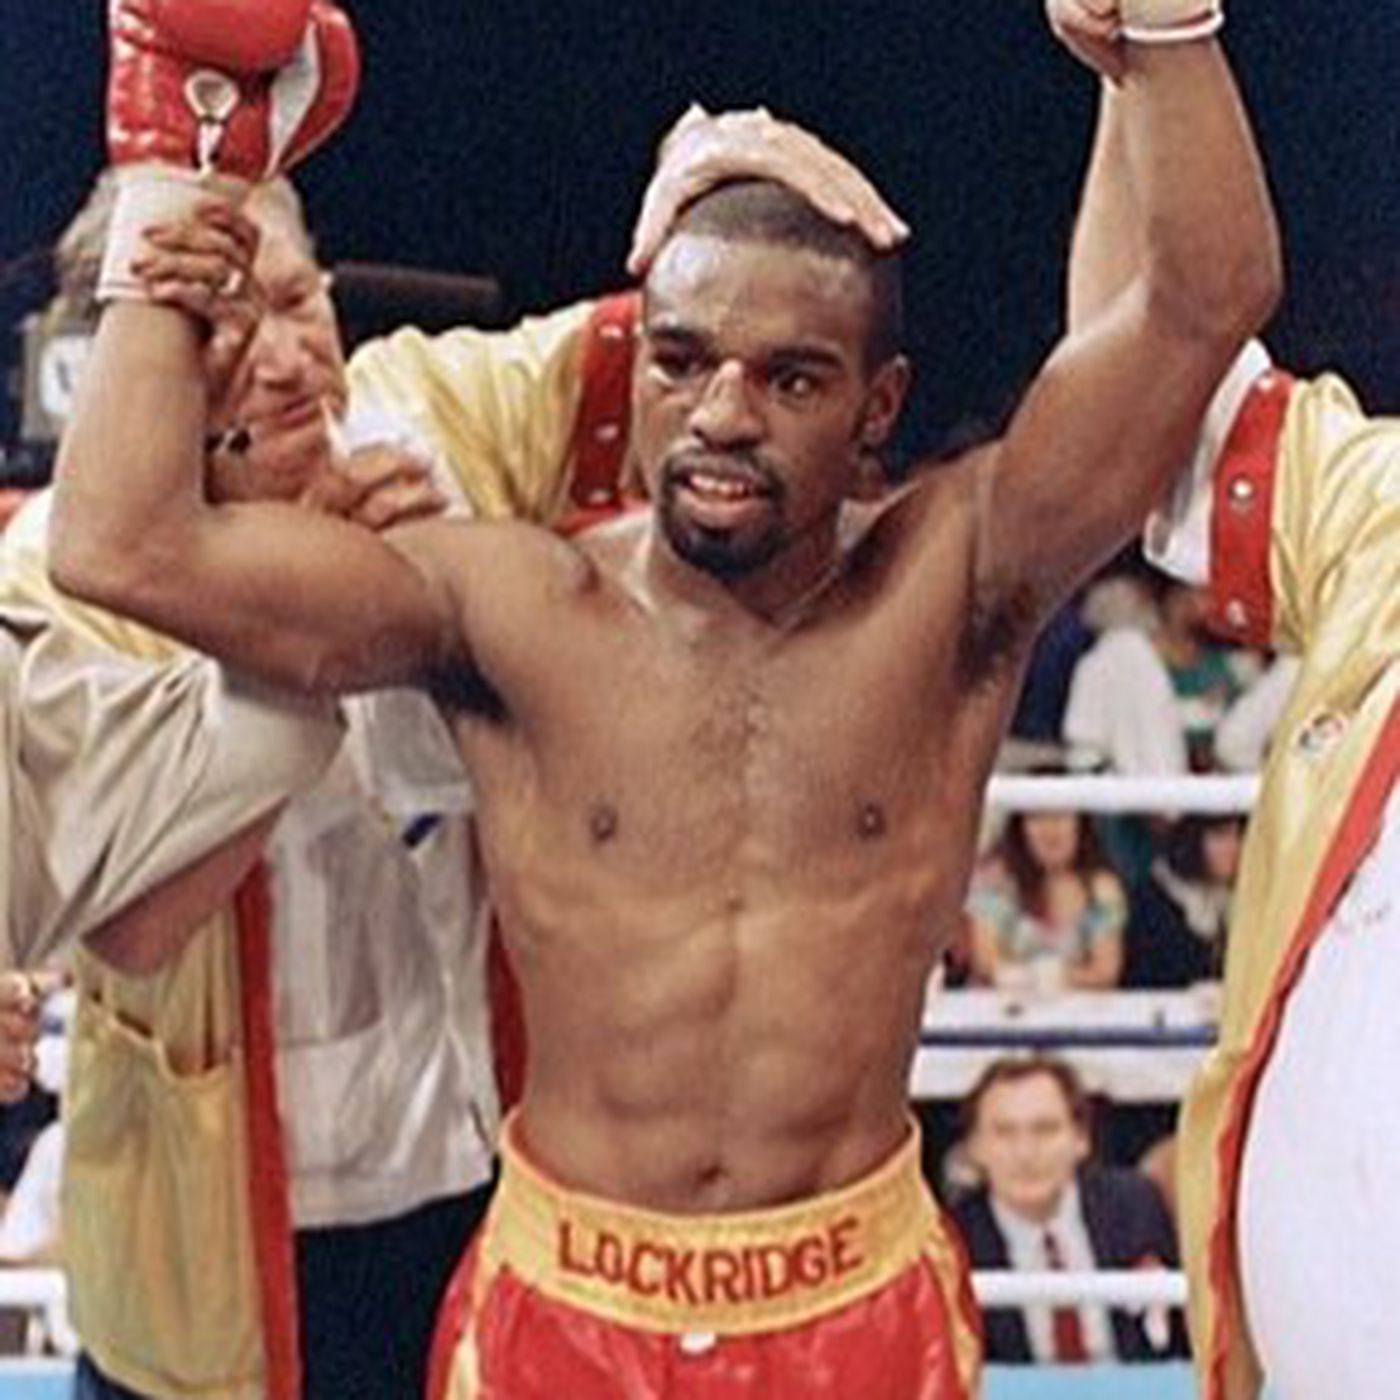 Rocky Lockridge (1959-2019) - Bad Left Hook